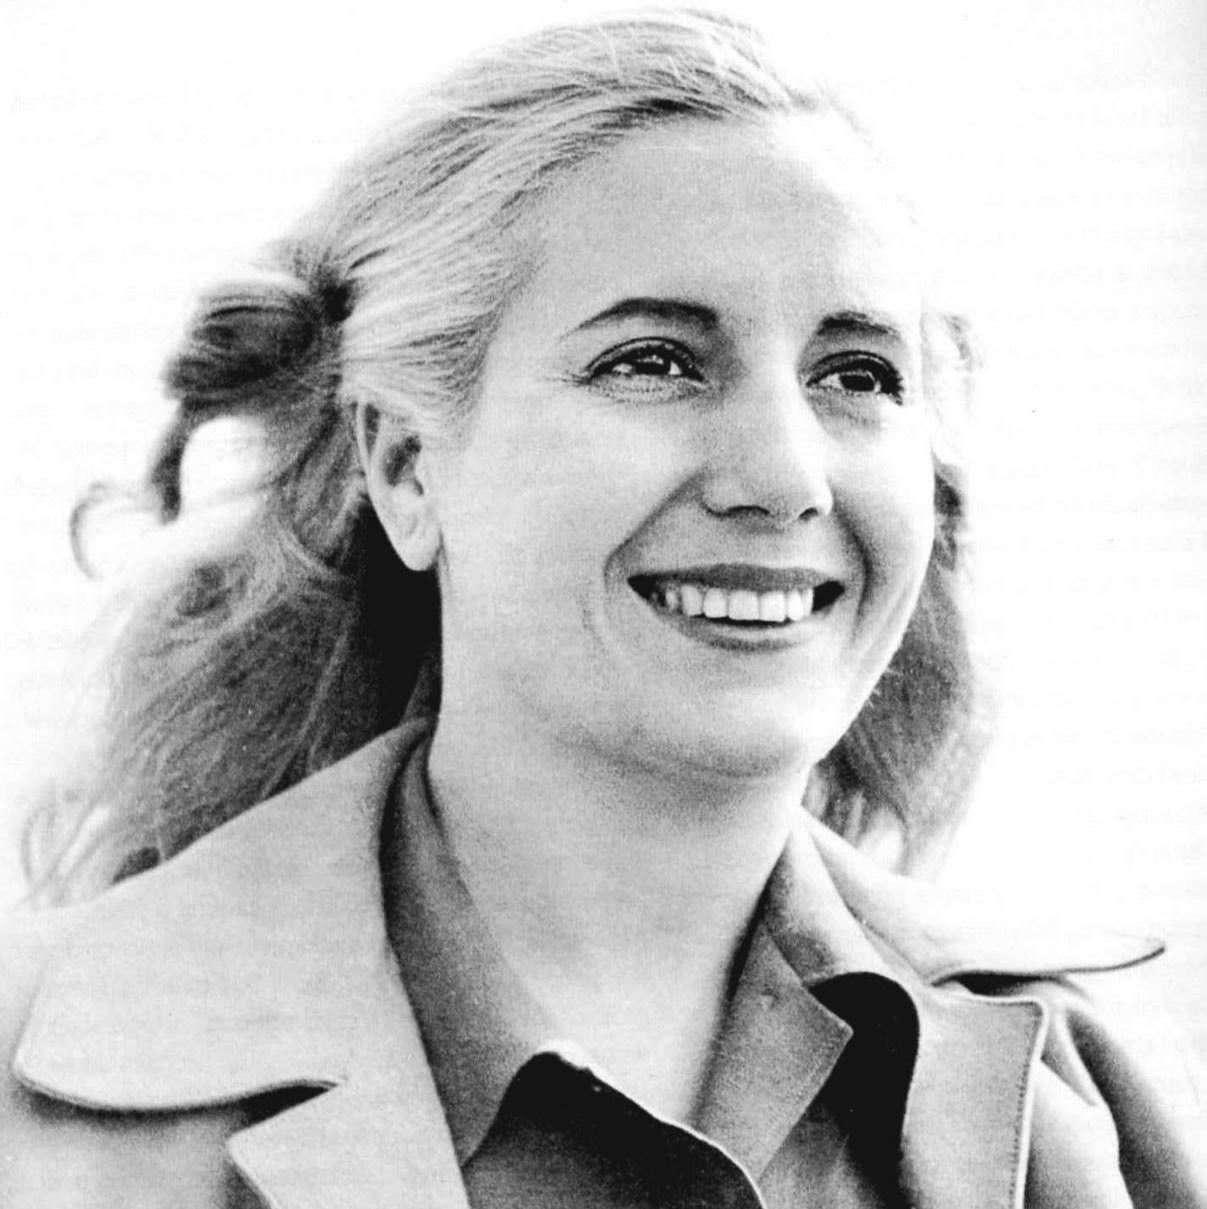 En este momento estás viendo Evita: 33 frases claves de «La razón de mi vida» a 102 años de su nacimiento